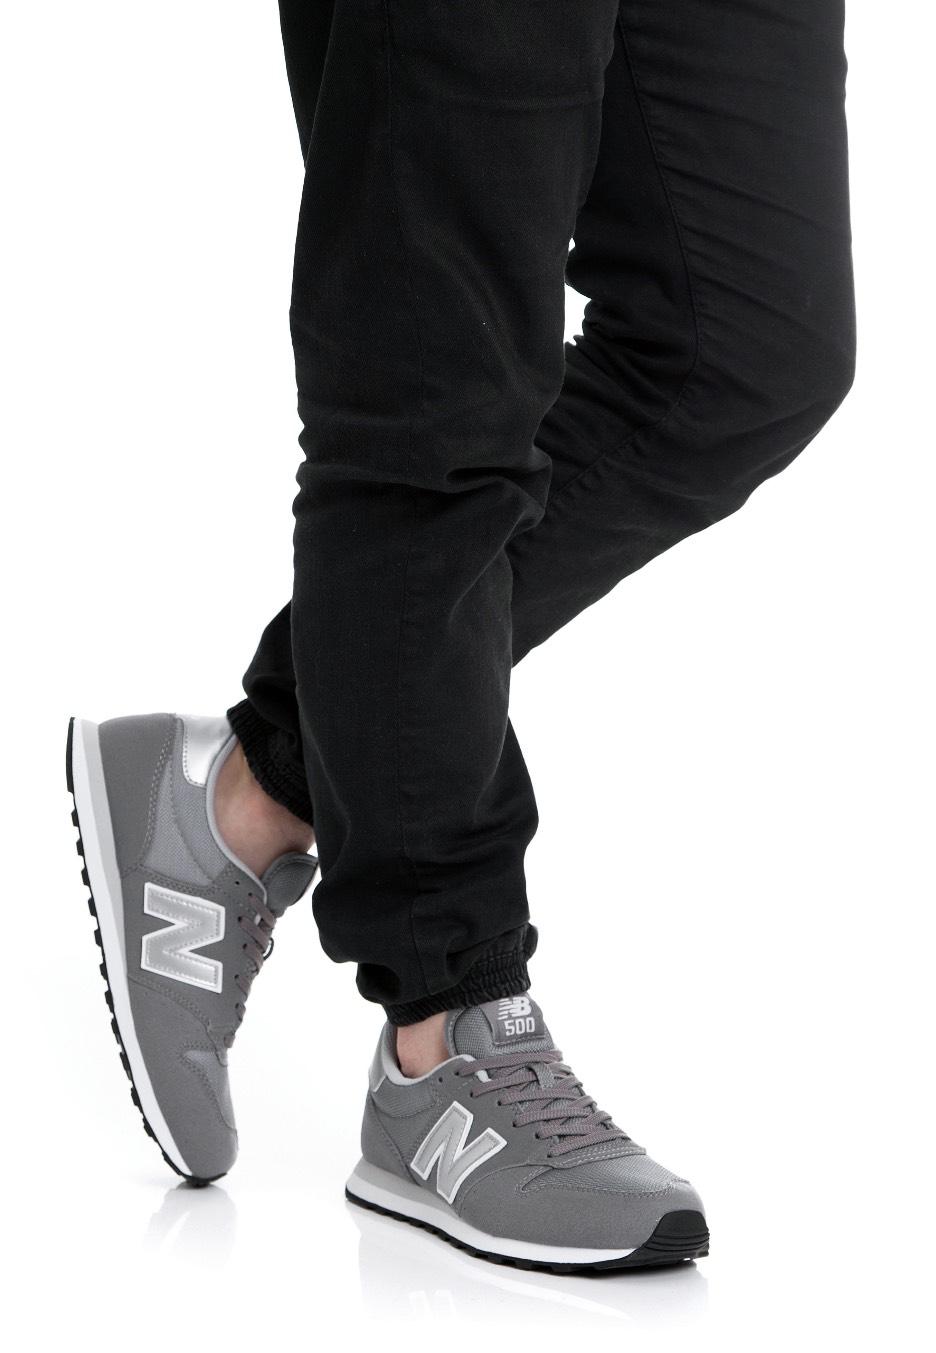 new balance gm 500 noir